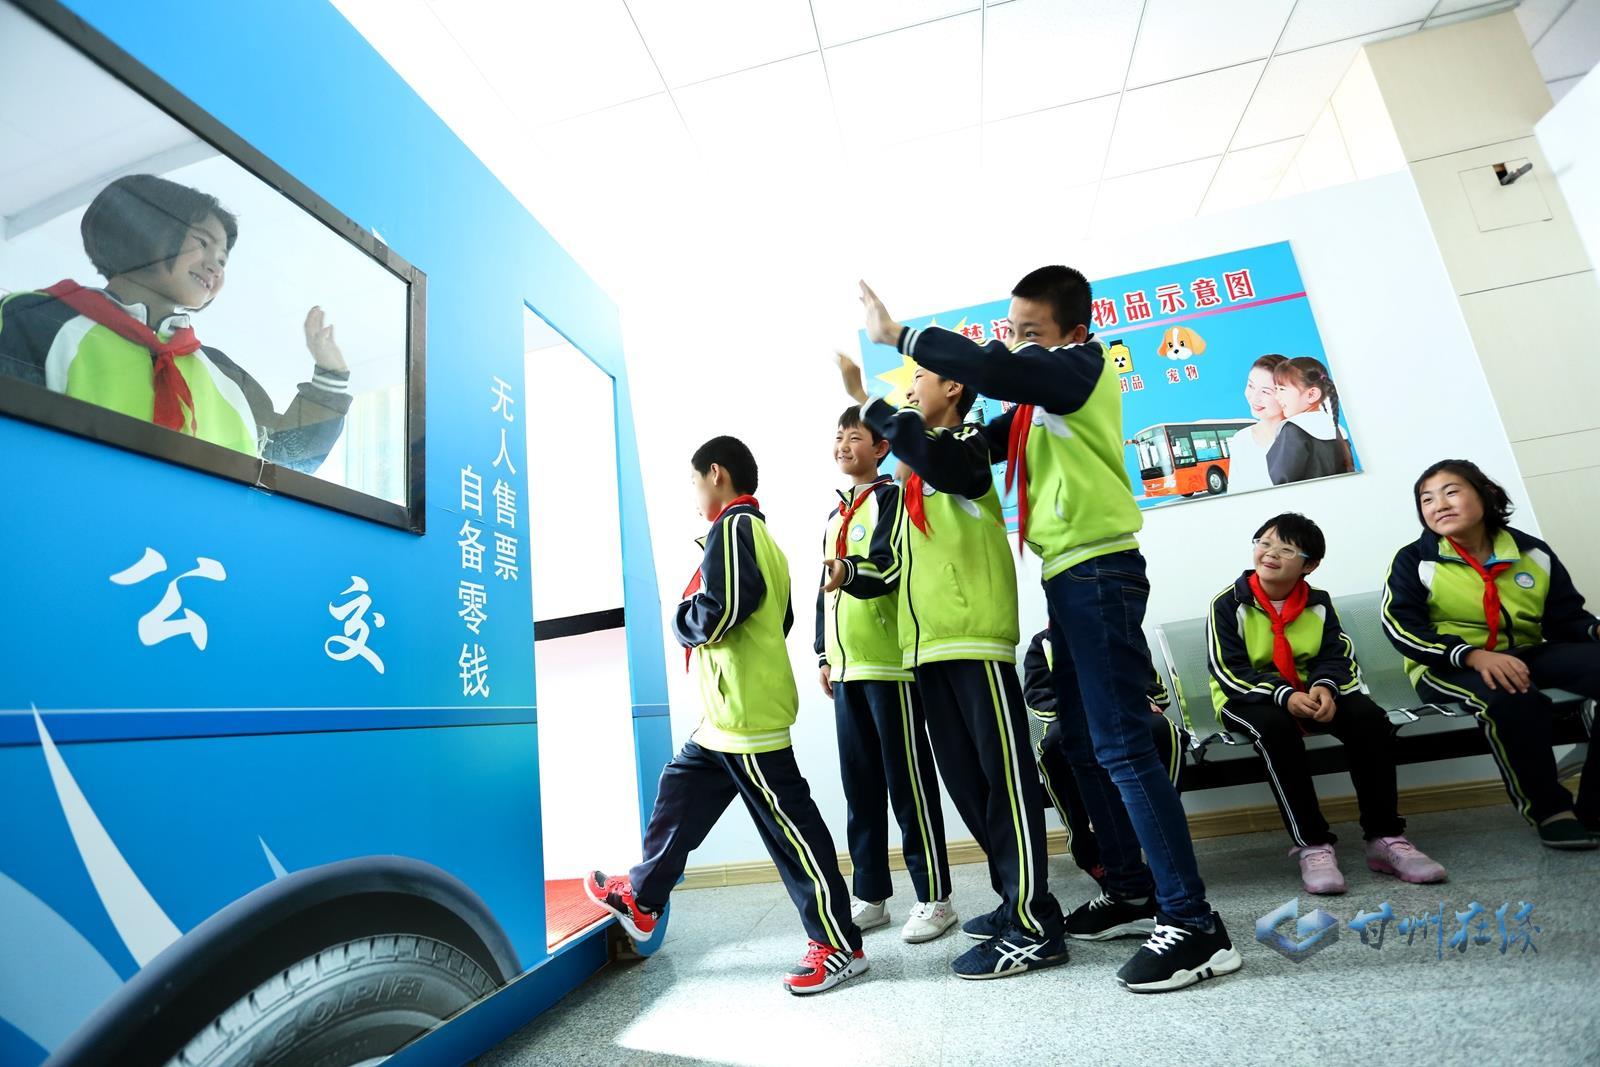 张掖:情景教室多彩体验 师生共迎教师节